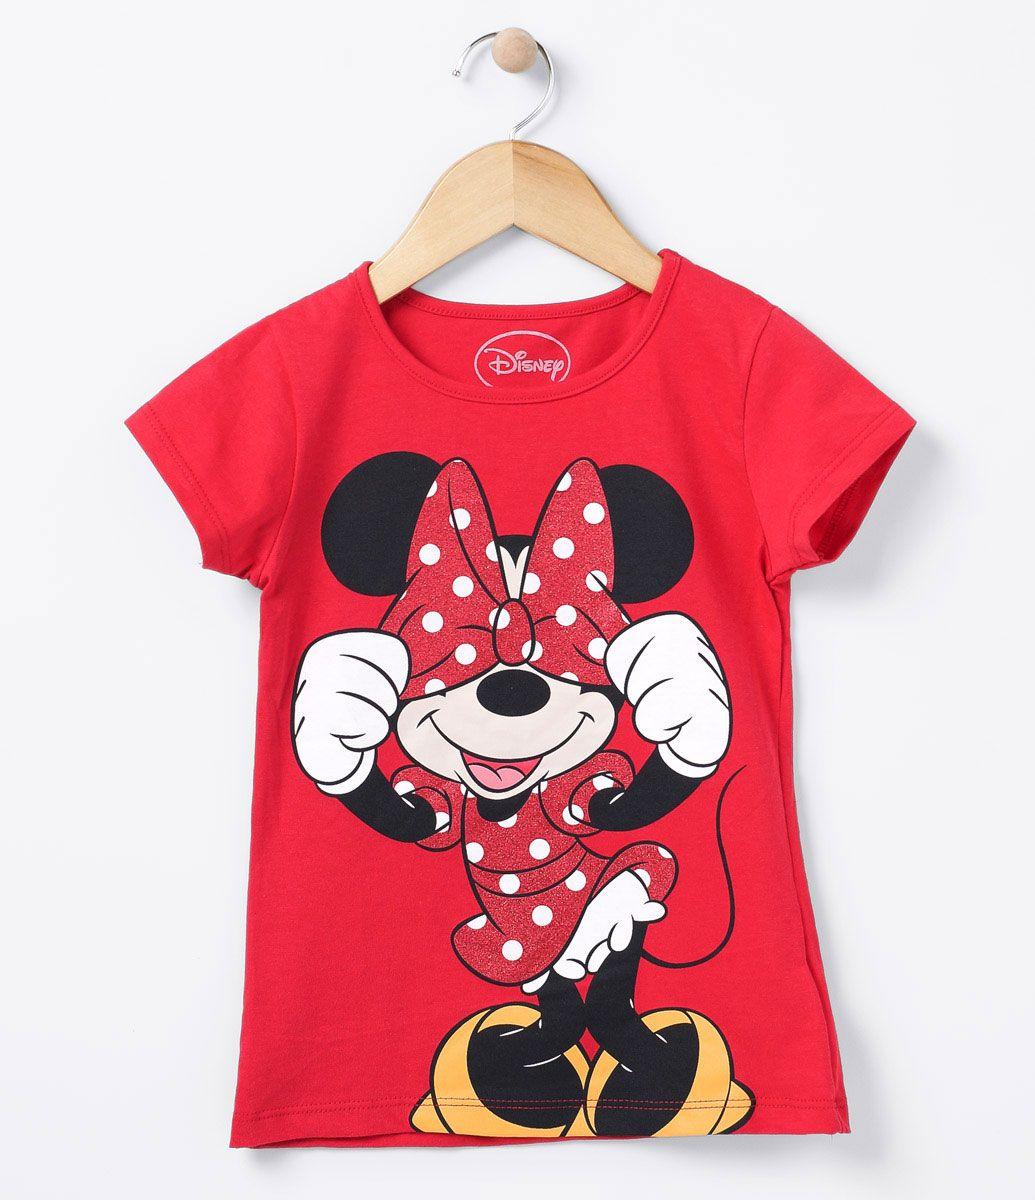 d56117a206733 Blusa infantil Manga curta Com estampa Marca  Minnie Tecido  Meia malha  Veja outras opções de produtos Minnie Mouse.